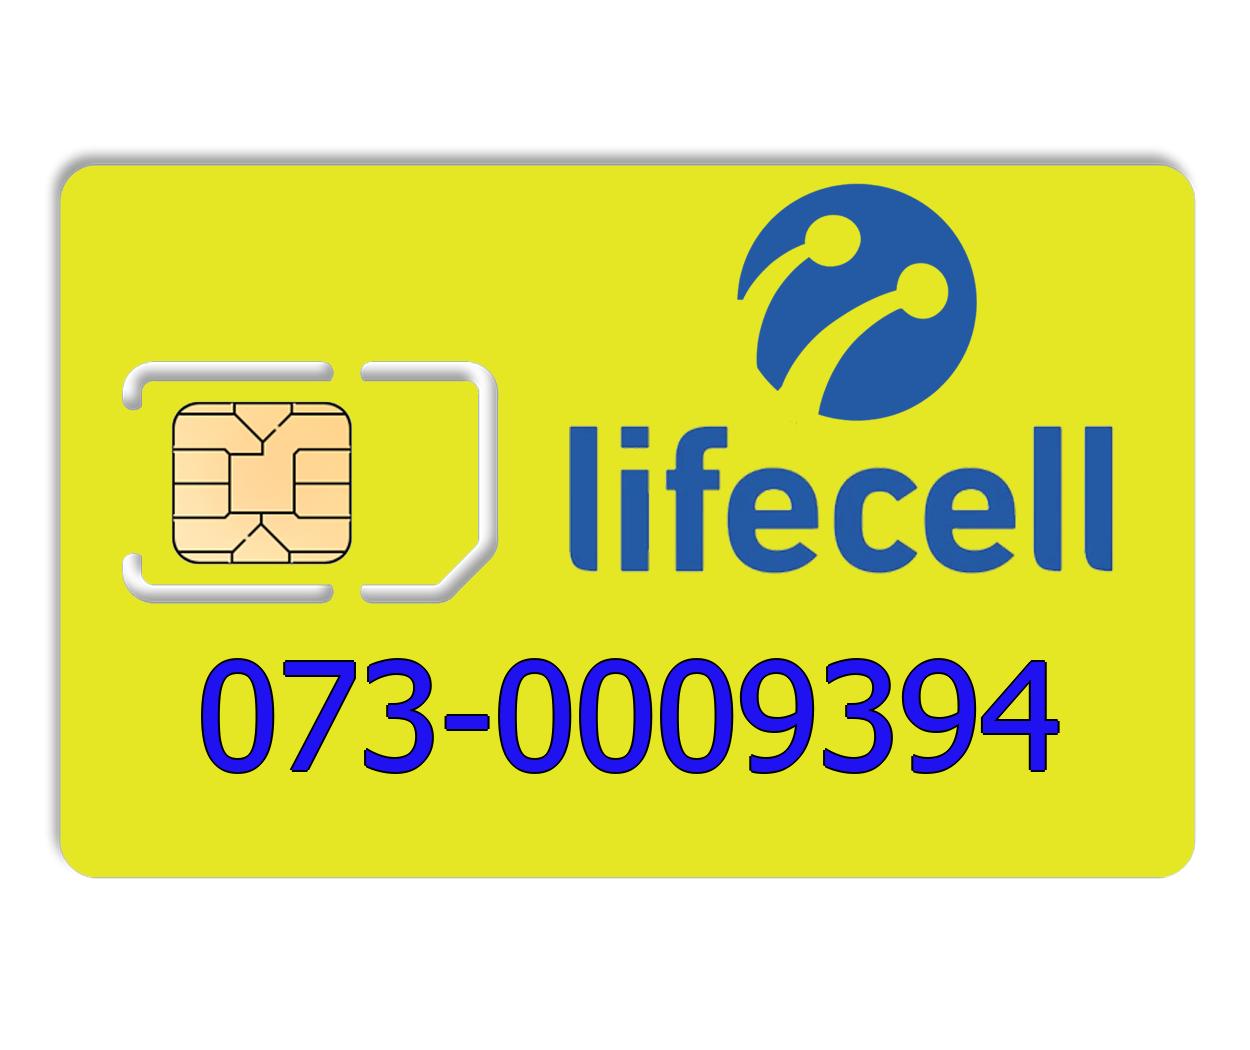 Красивый номер lifecell 073-0009394